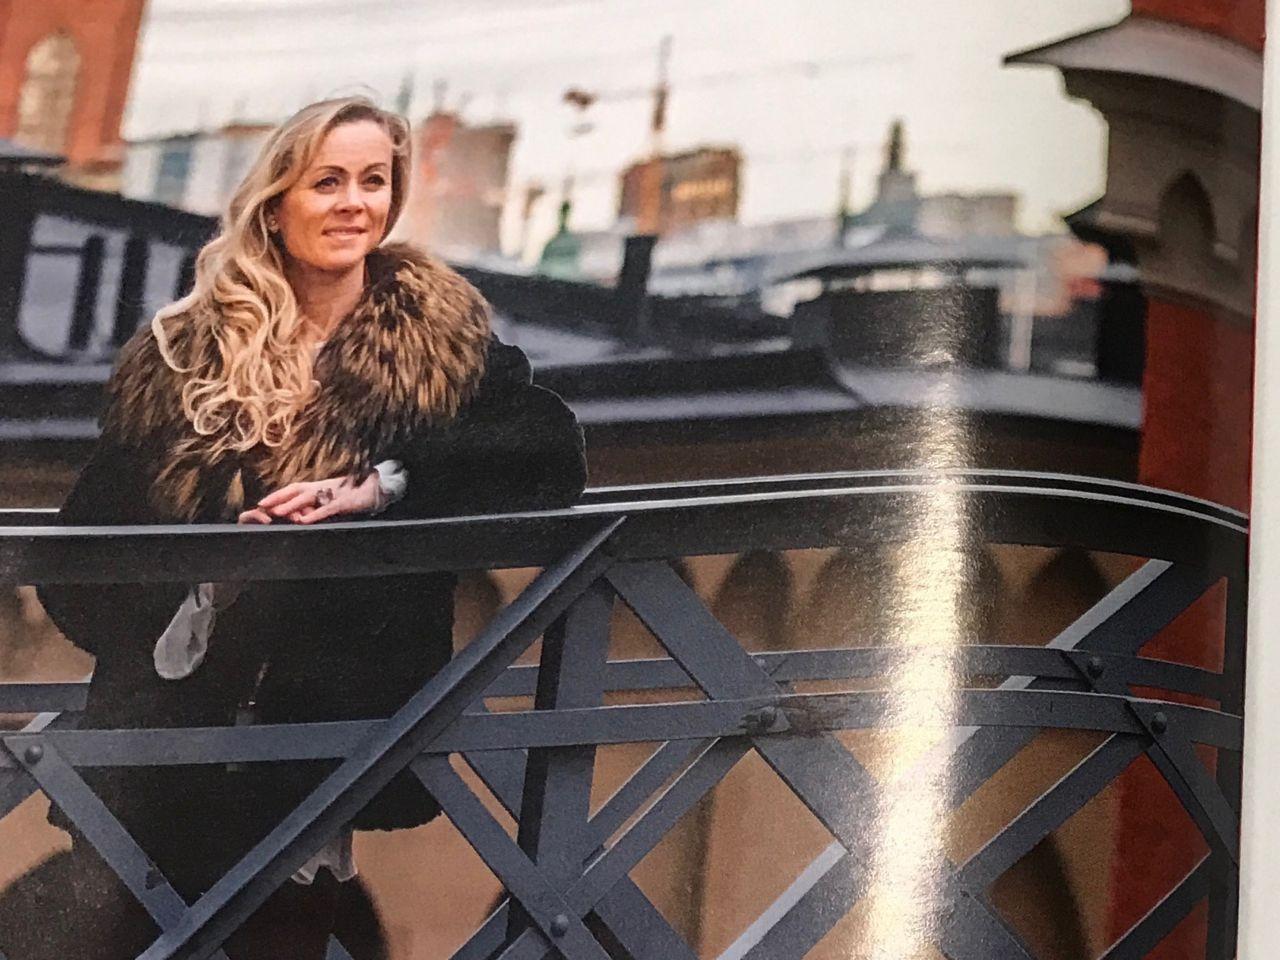 Intervju i tidningen MåBra